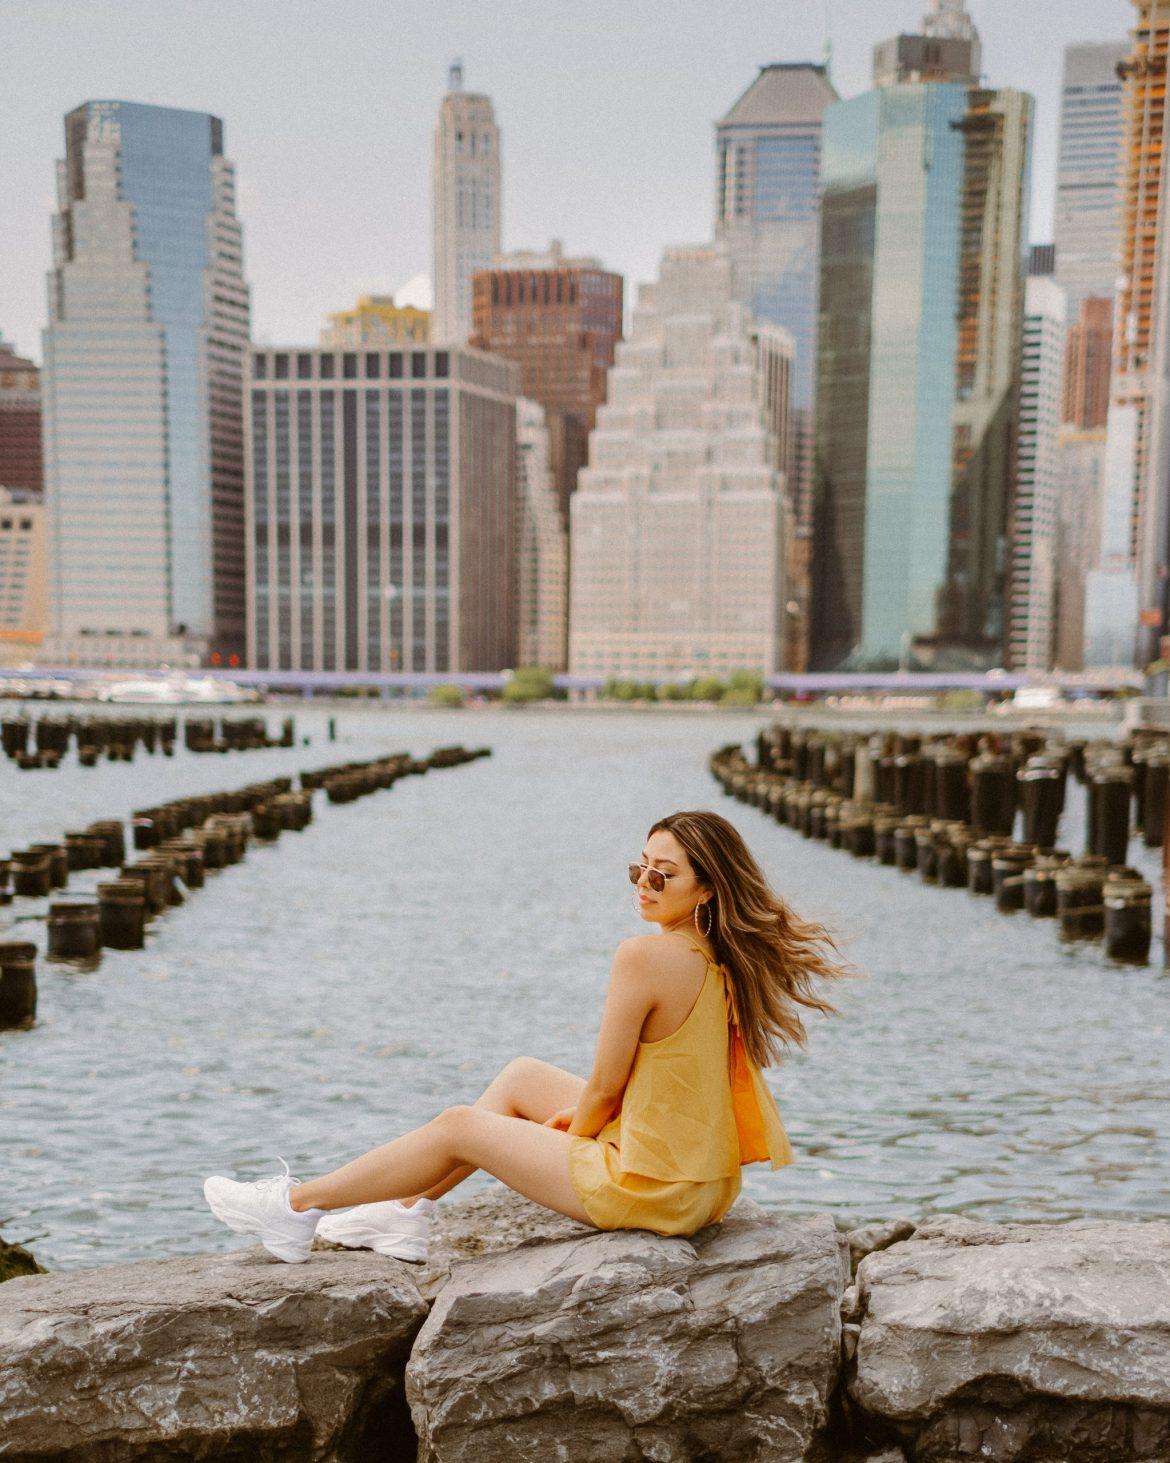 17 Best Instagram Worthy Spots in New York | Old Pier 1 in Brooklyn